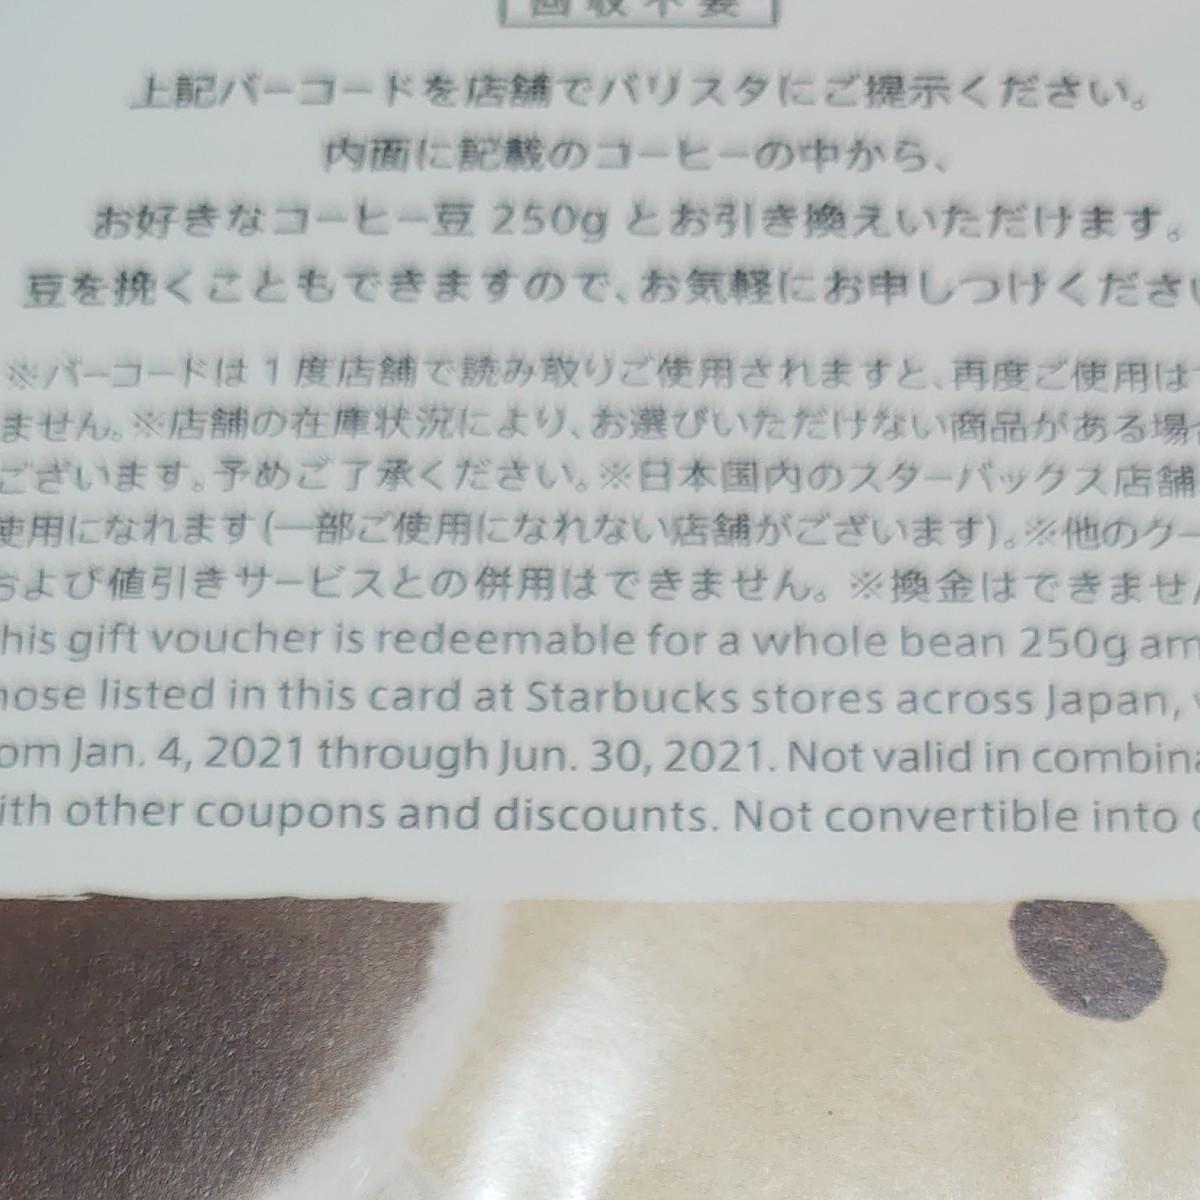 スターバックス 福袋 2021 ドリンクチケット6枚 コーヒー豆引き換えカード スタバ ビバレッジカード